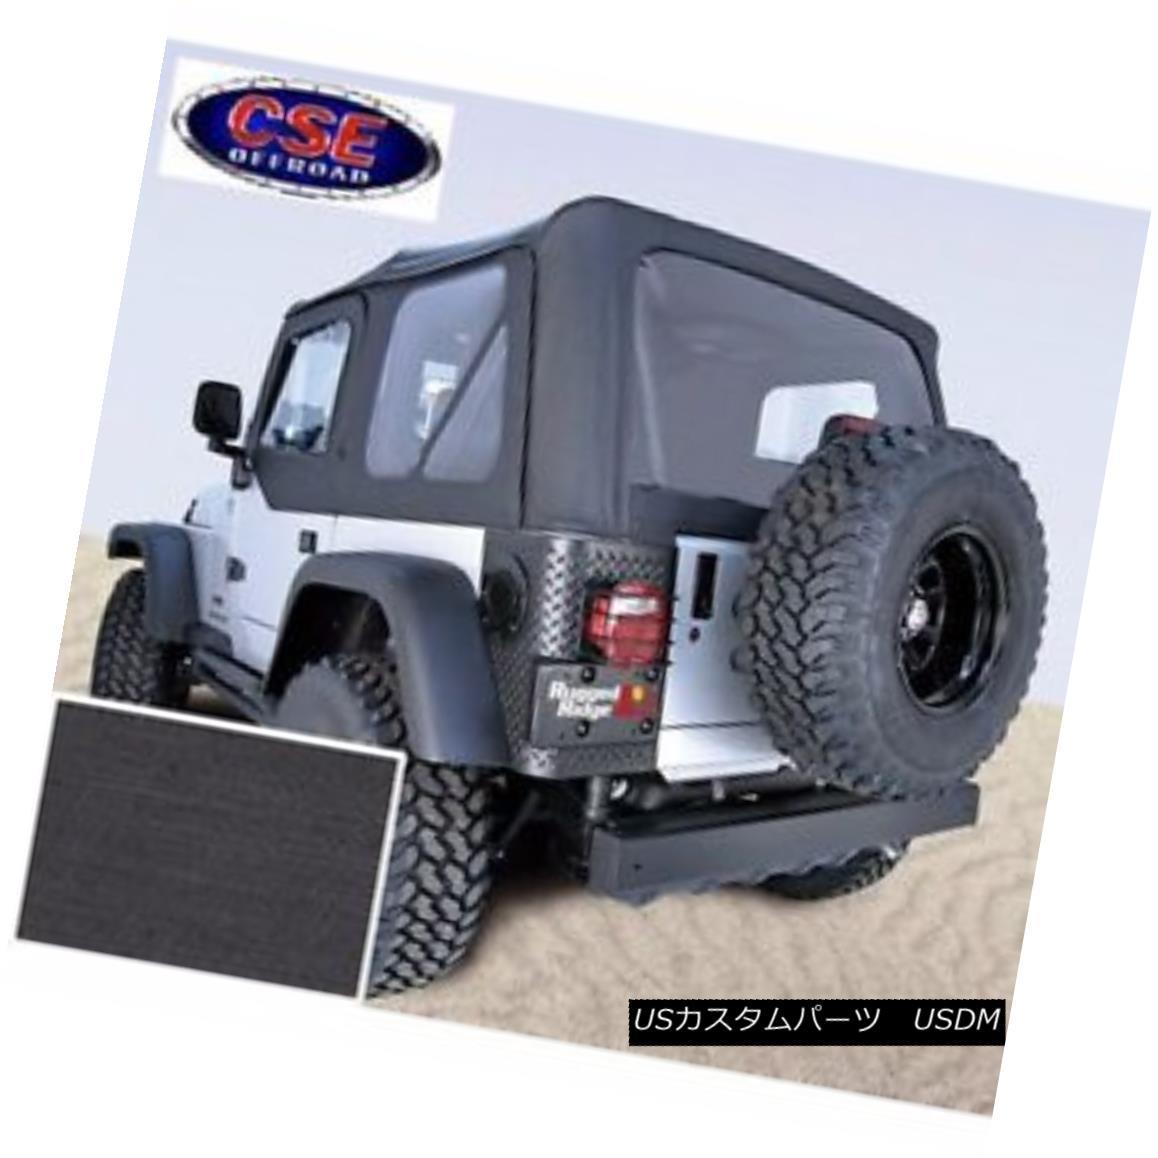 幌・ソフトトップ Soft Top with Door Skins Black Clear Windows Jeep Wrangler TJ 1997-2002 13703.15 ソフトトップドアスキンブラッククリアウィンドウジープラングラーTJ 1997-2002 13703.15